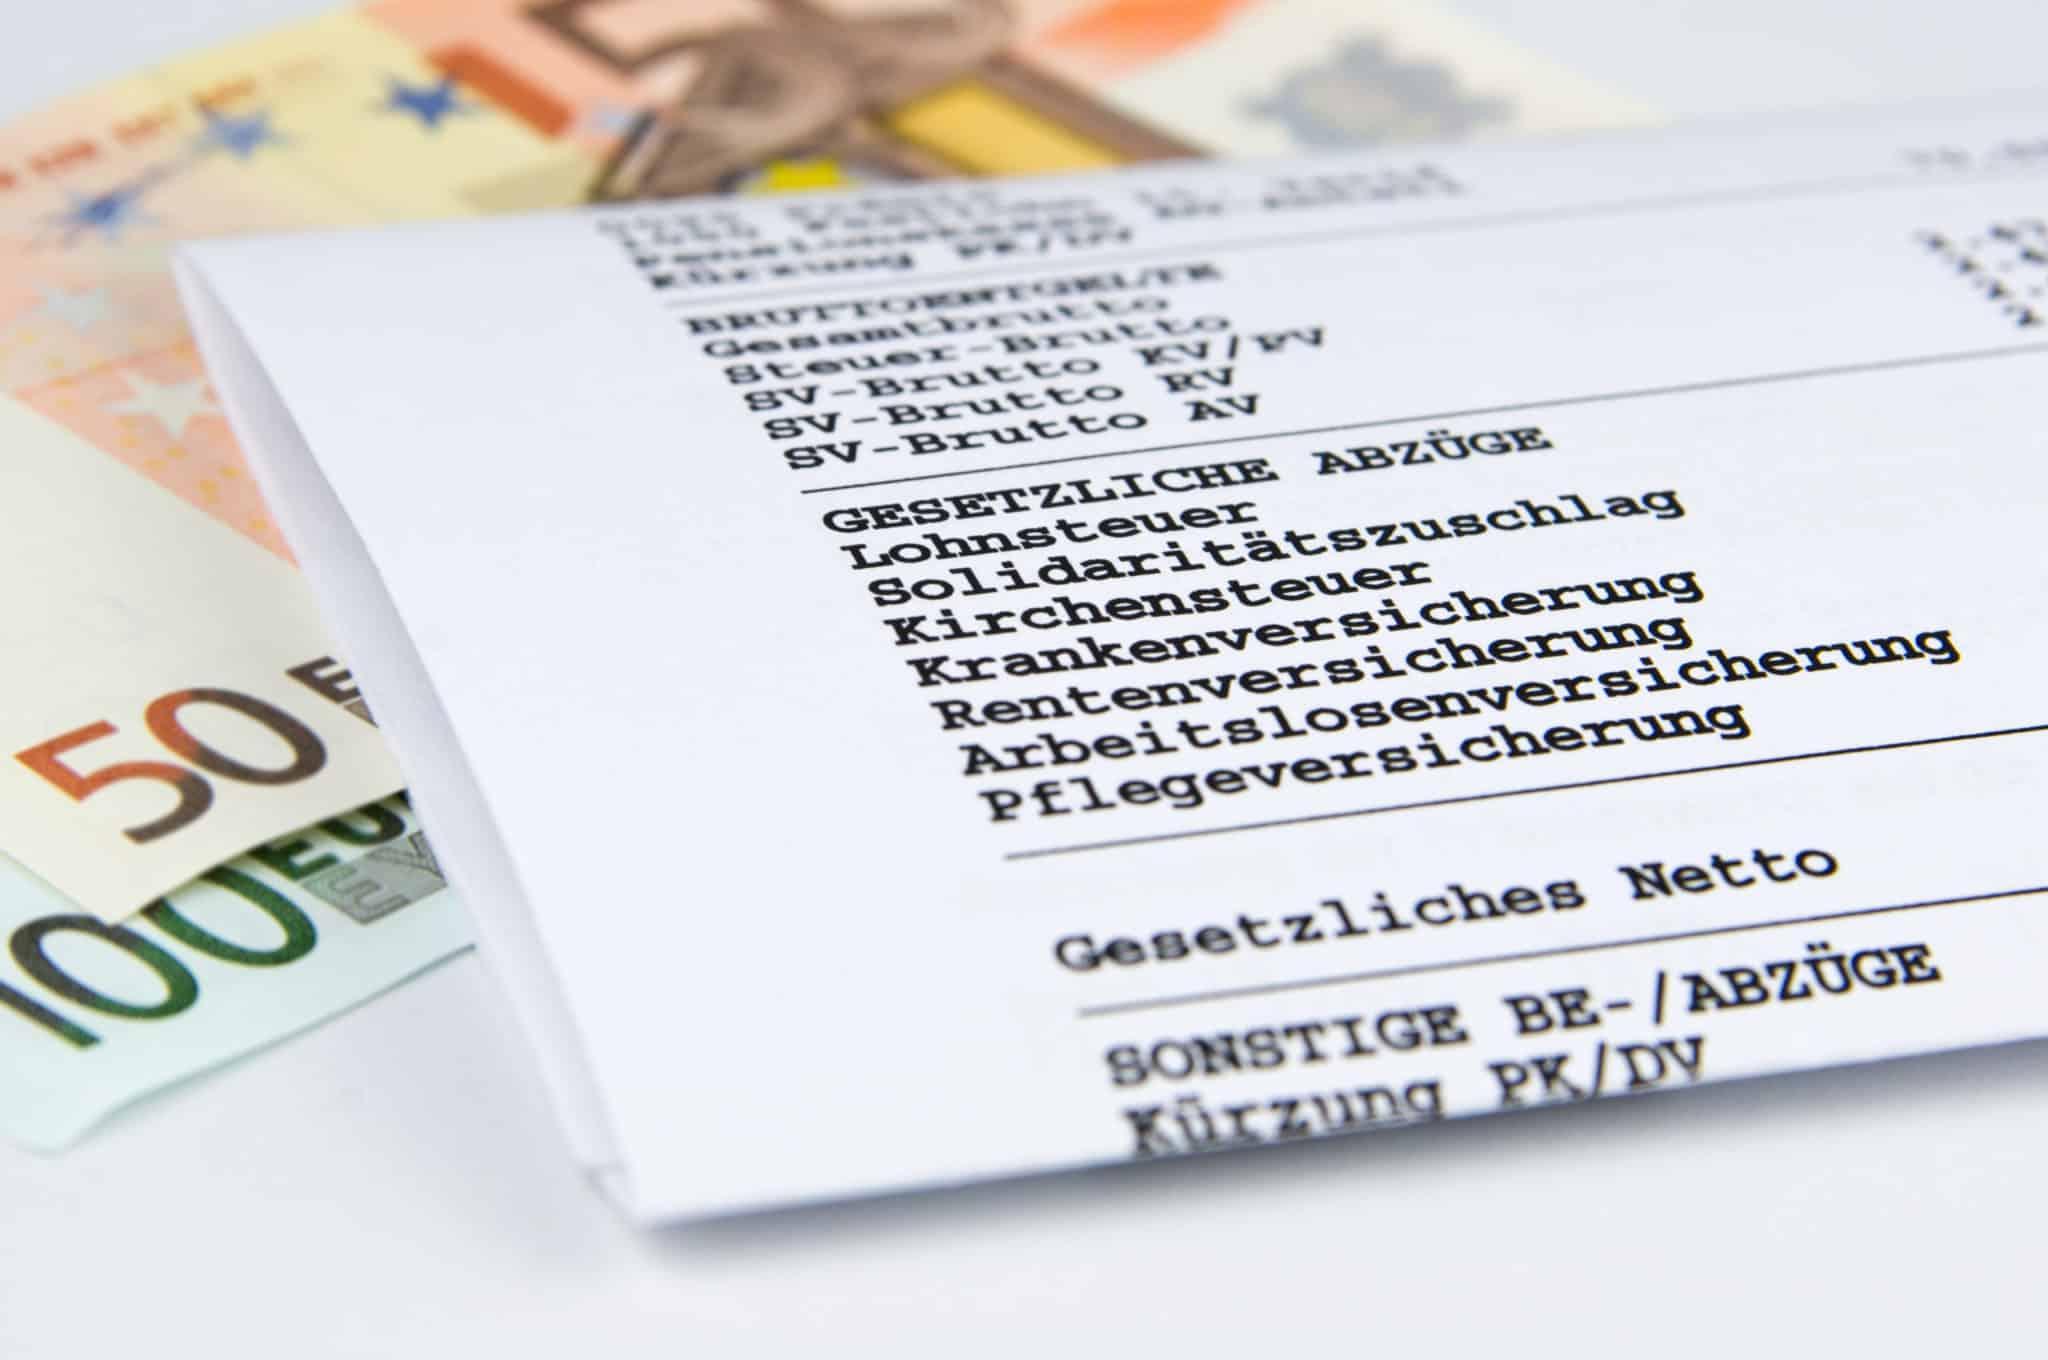 Emploi & chômage en Allemagne